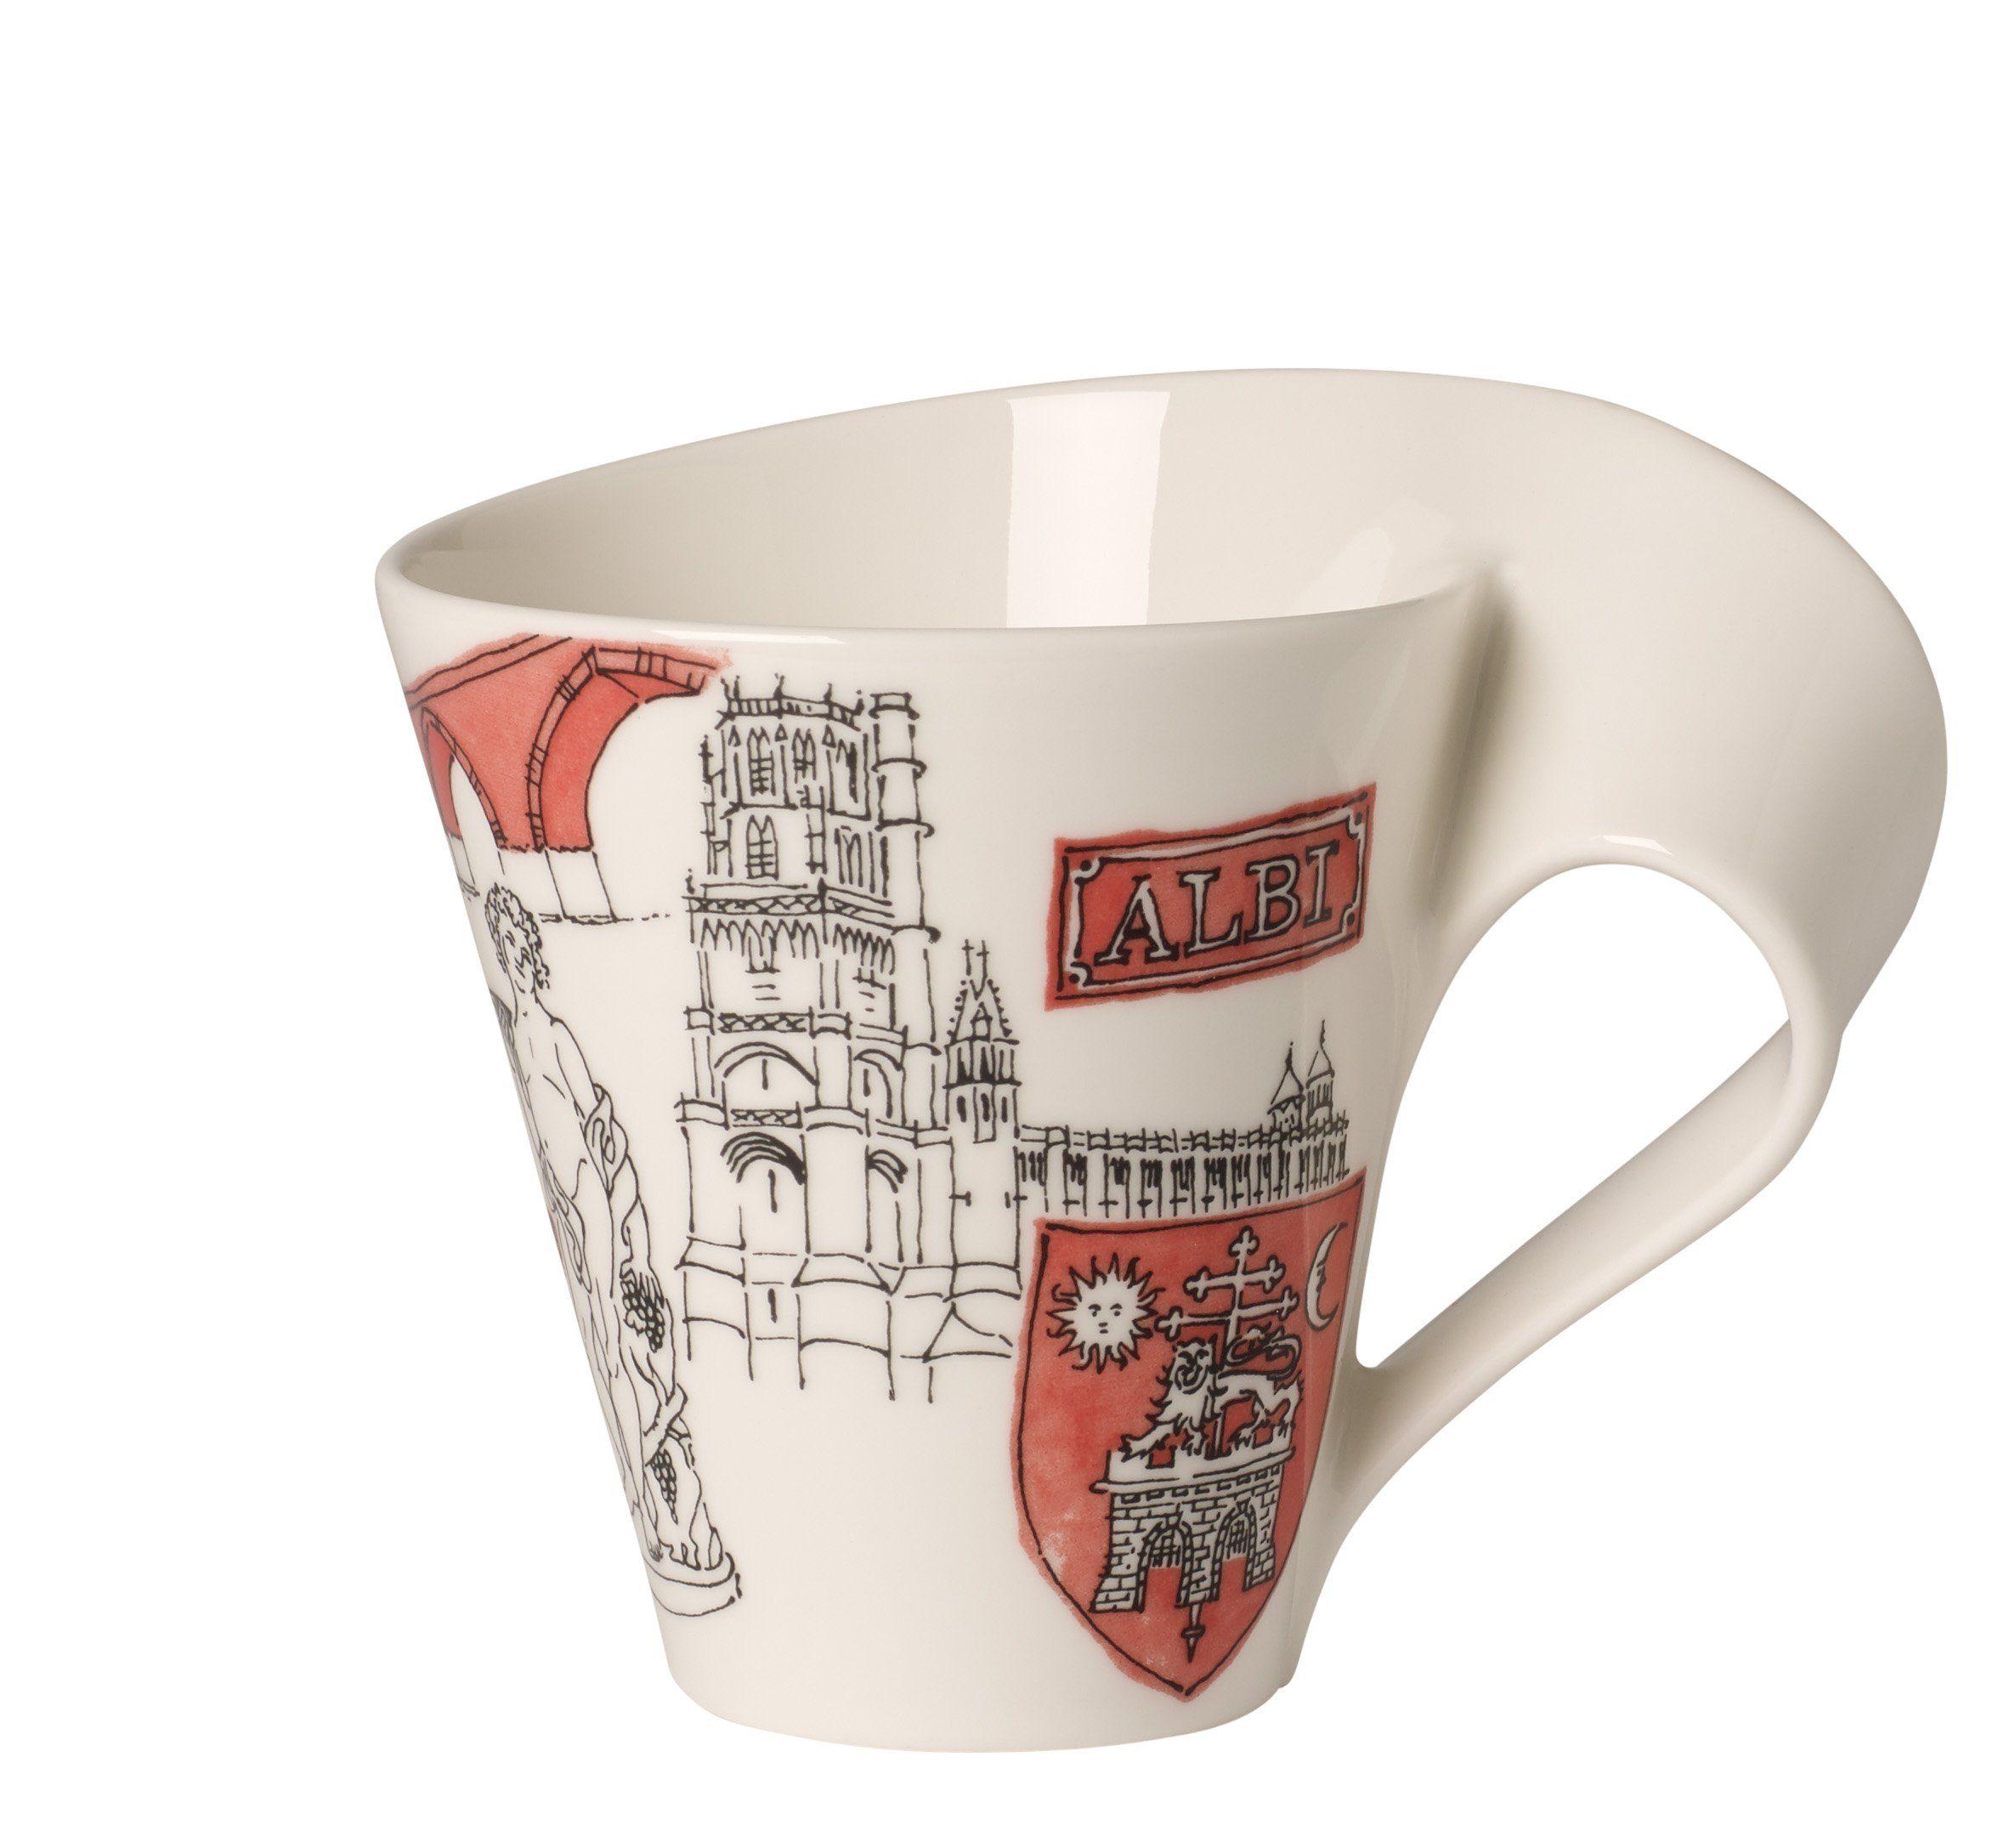 Villeroy & Boch Kaffeebecher Albi »Cities of the World«